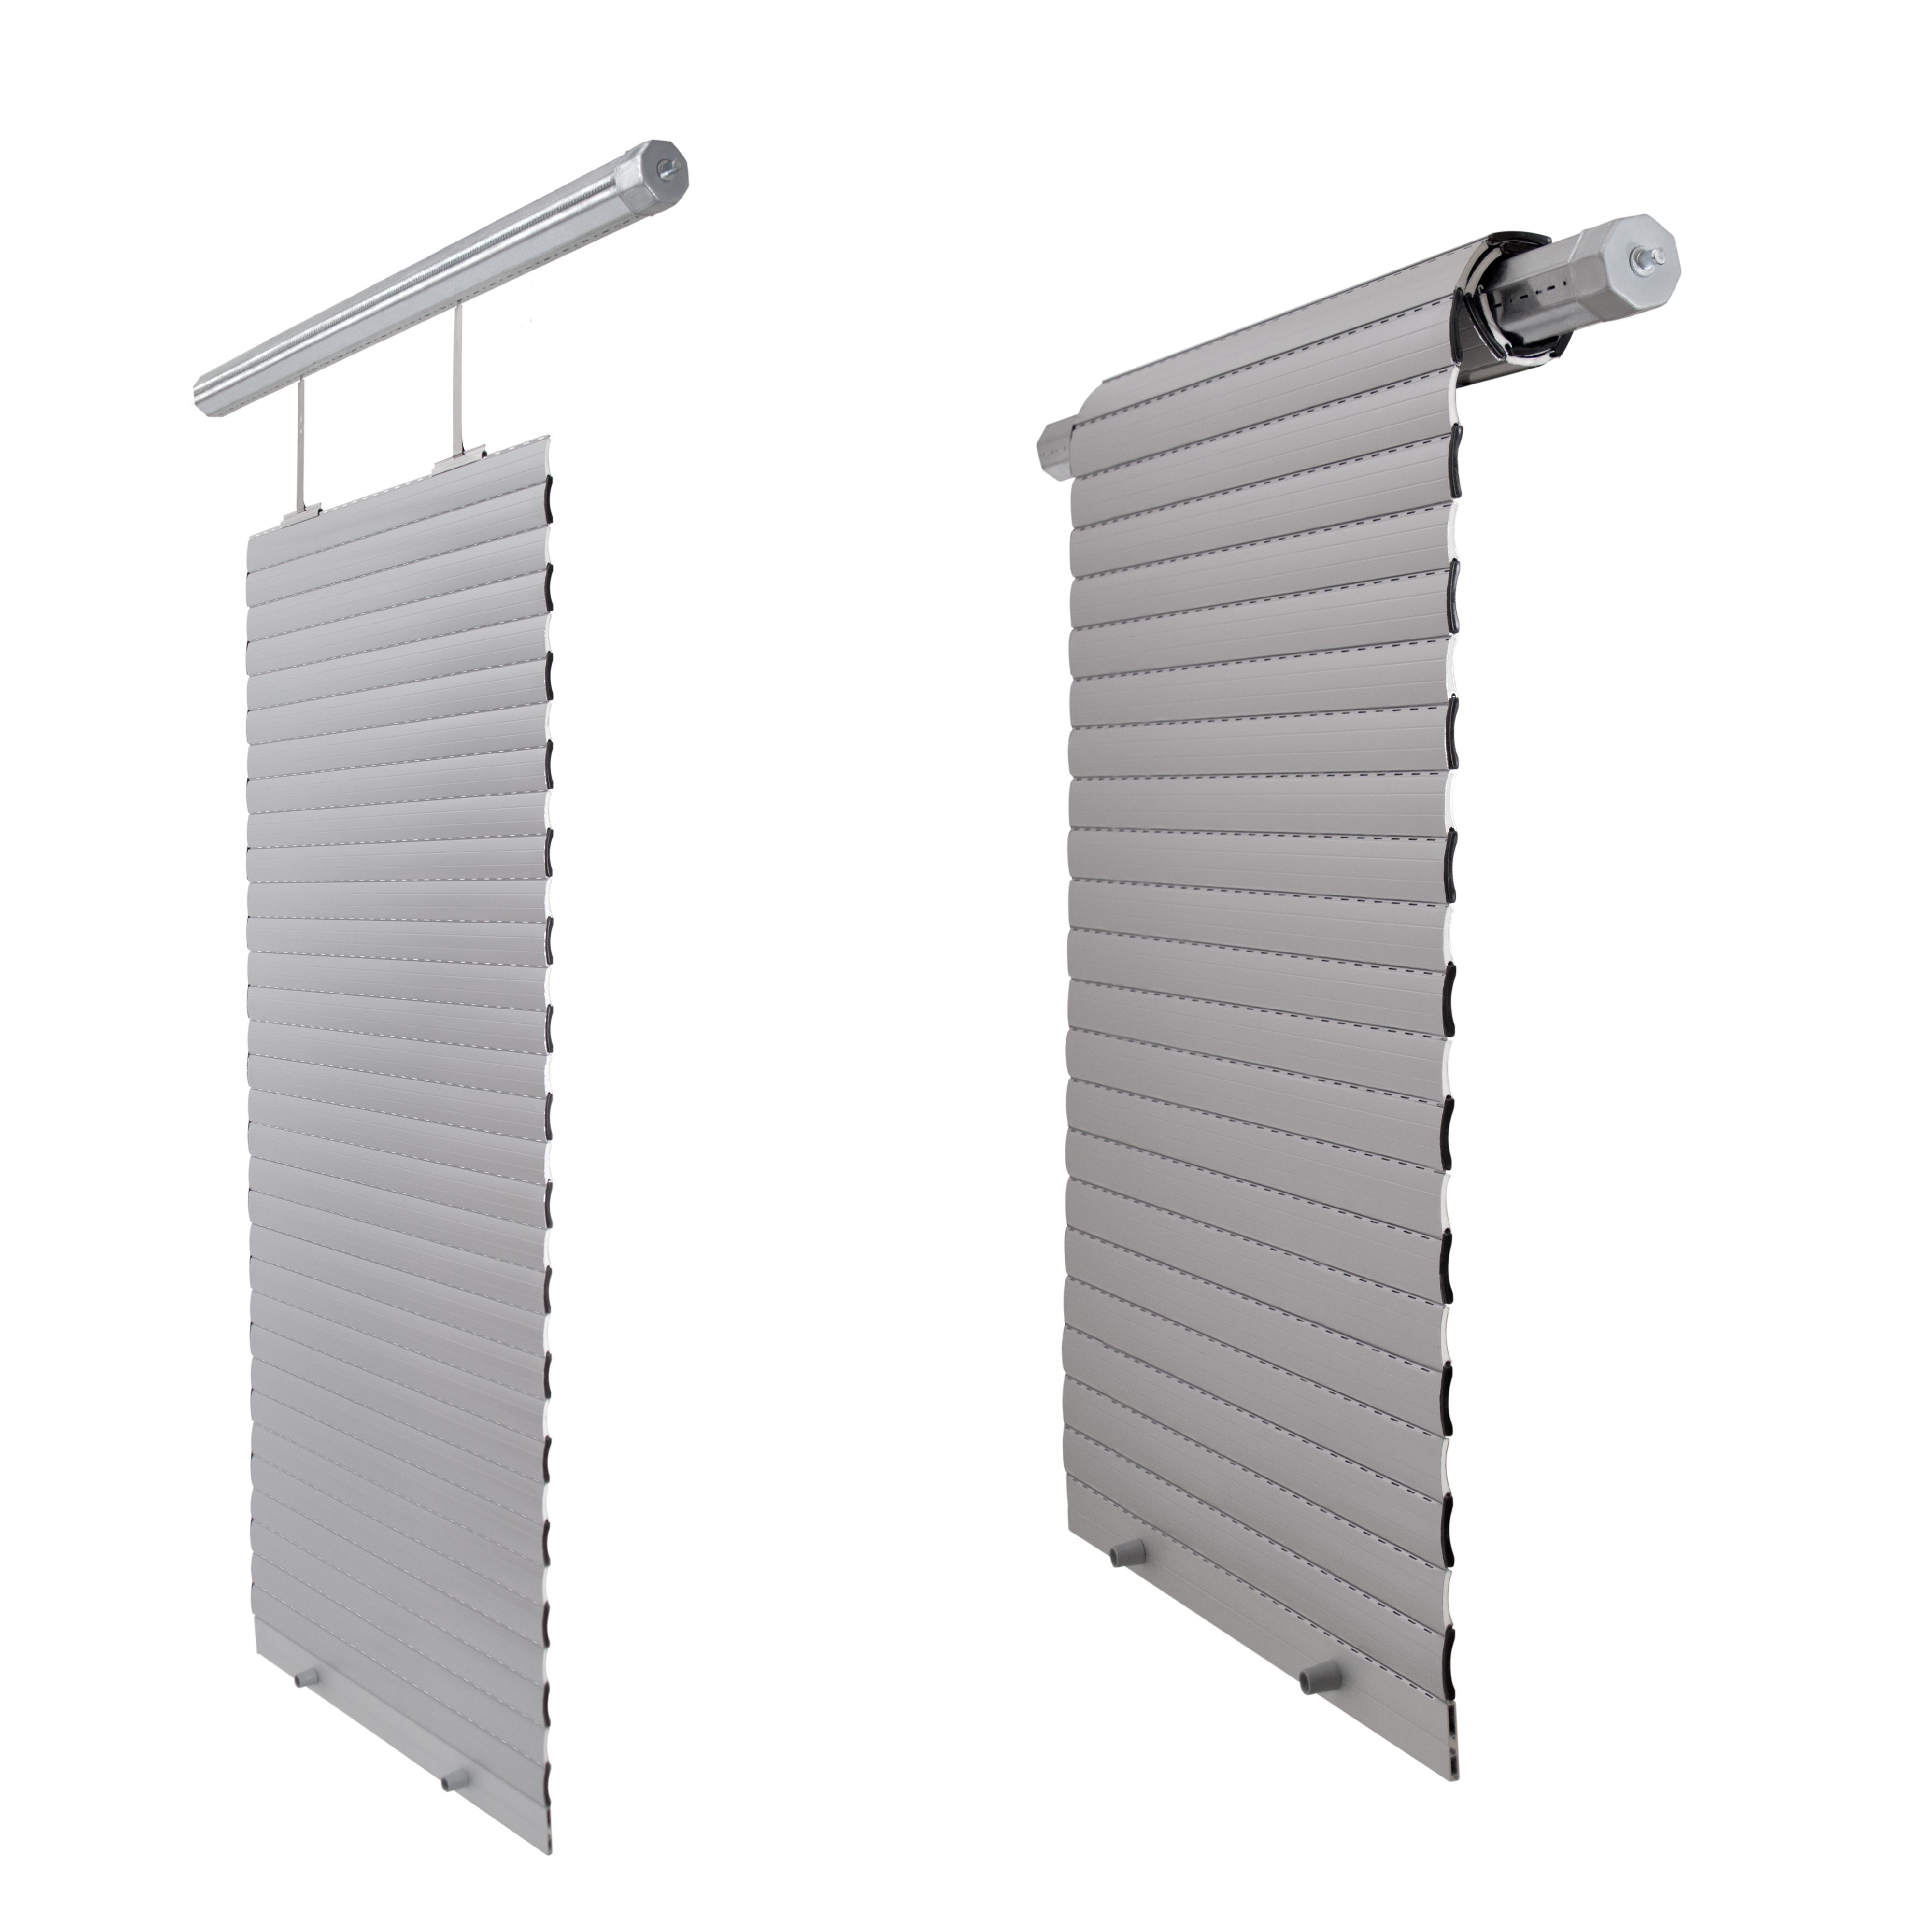 Tapparelle in alluminio coibentato alta, media densità in offerta